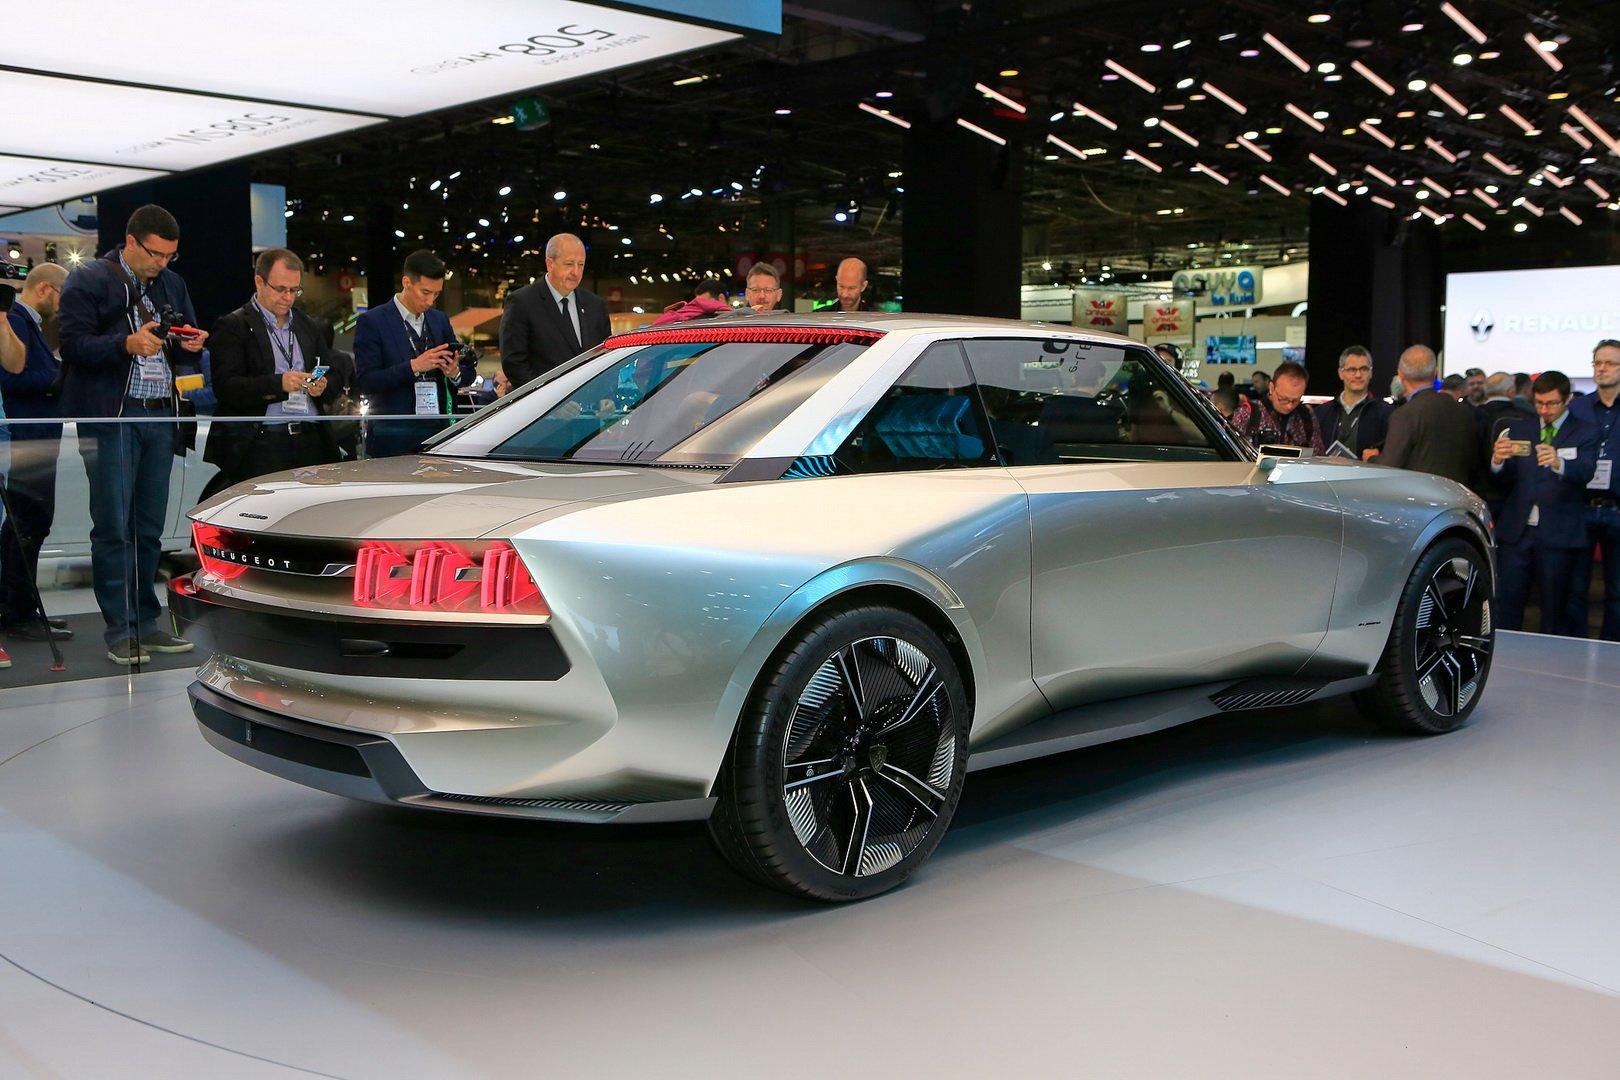 Peugeot e-Legend Concept - Poze reale - Peugeot e-Legend Concept - Poze reale